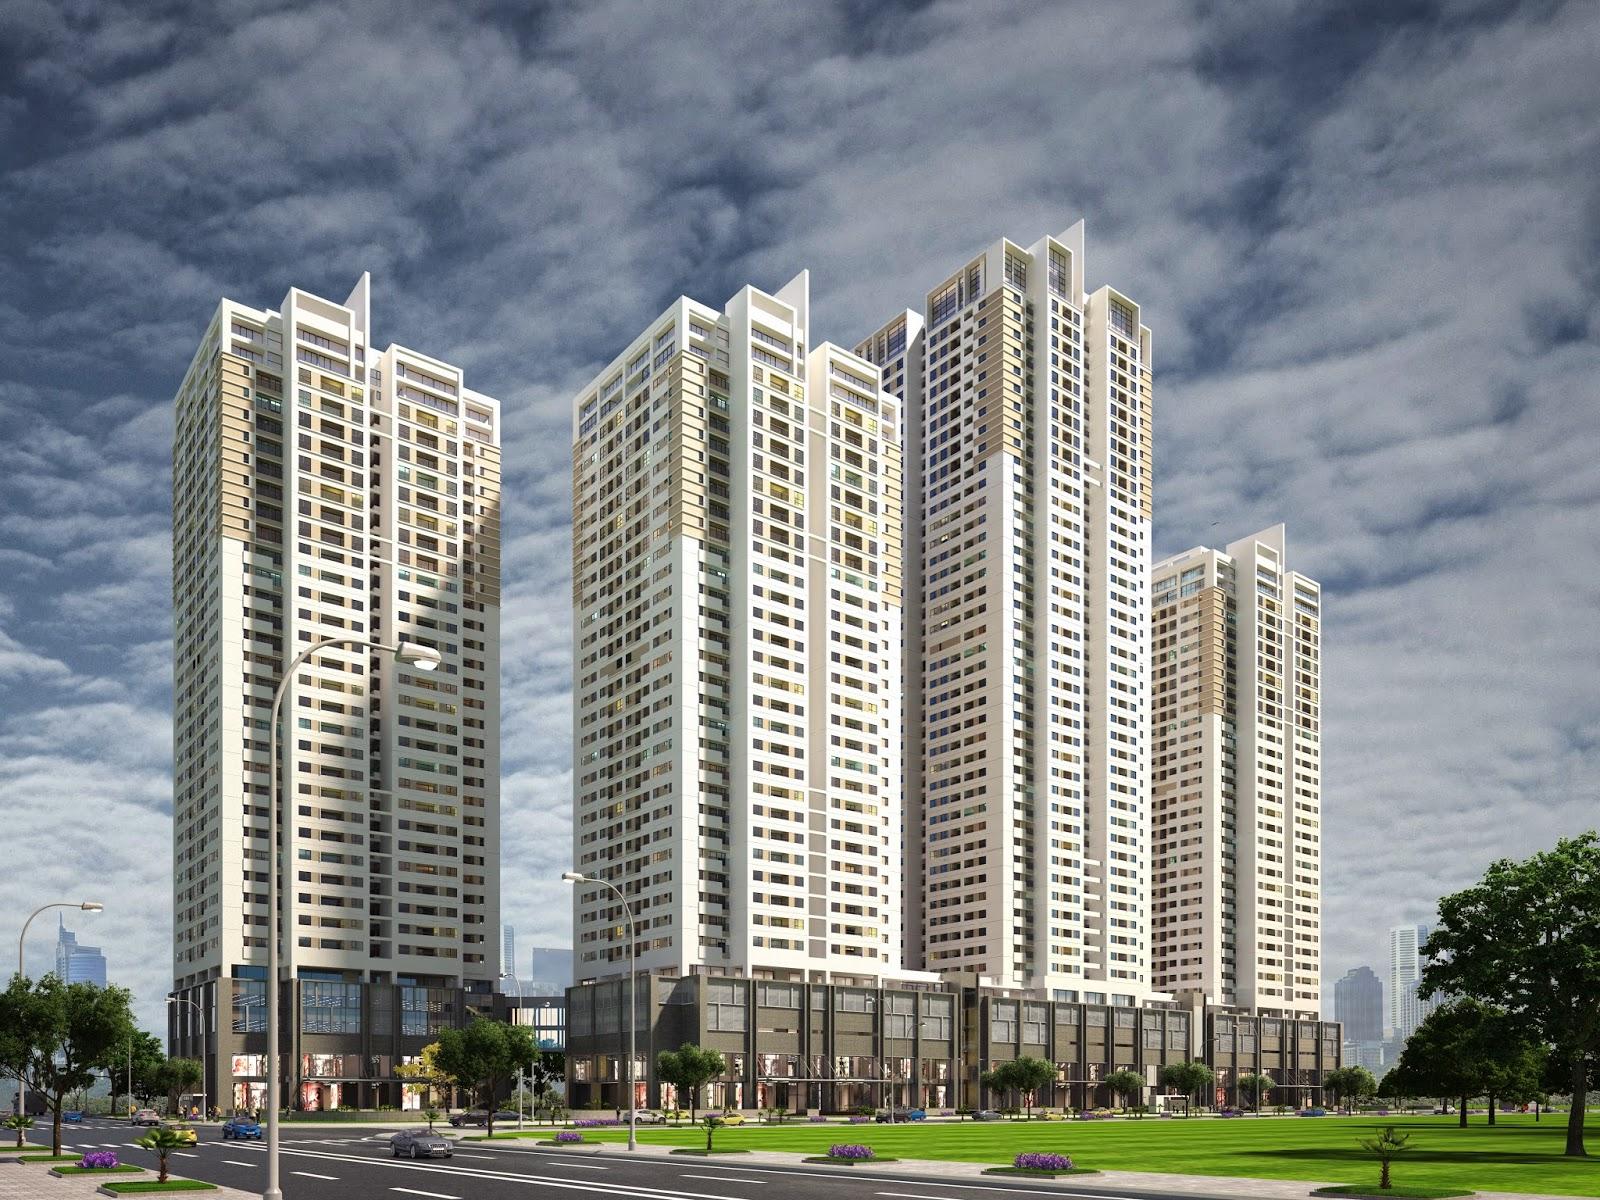 phối cảnh dự án chung cư cao cấp HP Landmark tower